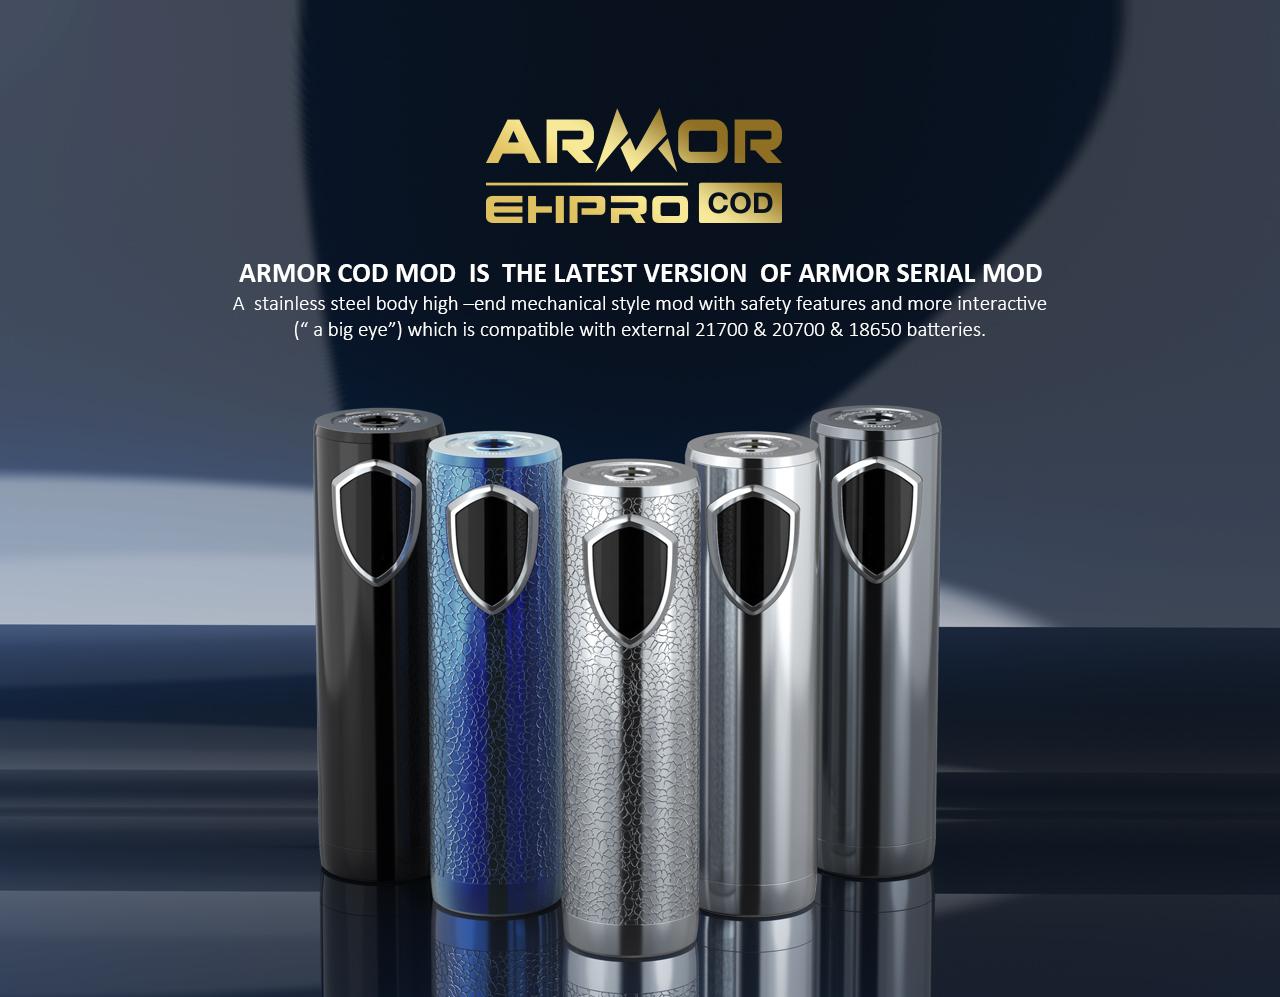 armor cod 21700 semi mech mod by ehpro 1